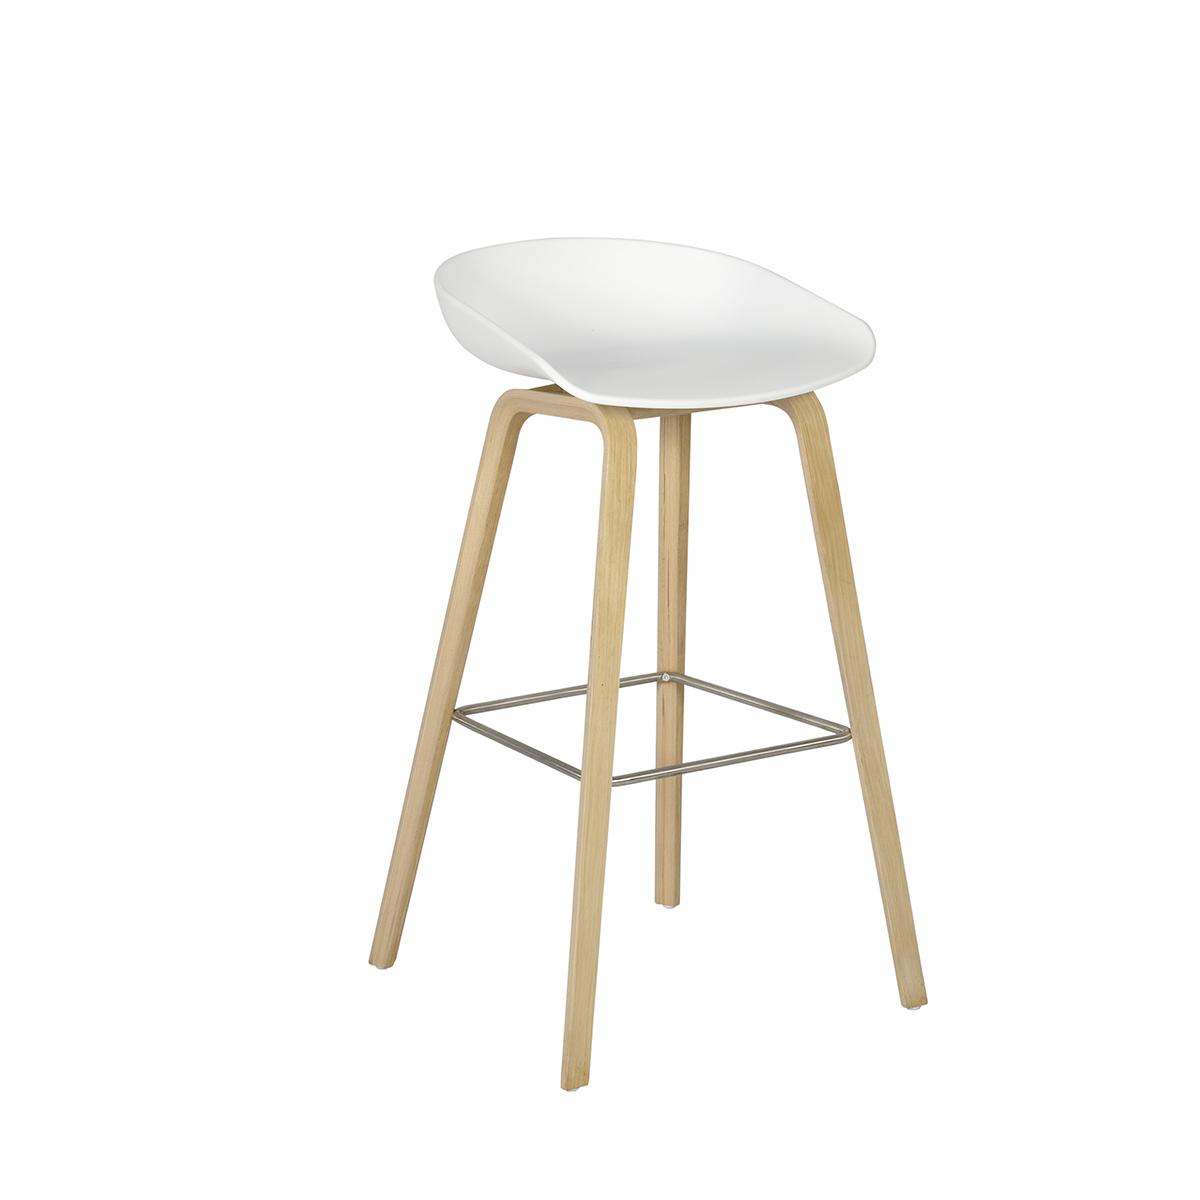 tabouret soho blanc bois internation moduling. Black Bedroom Furniture Sets. Home Design Ideas